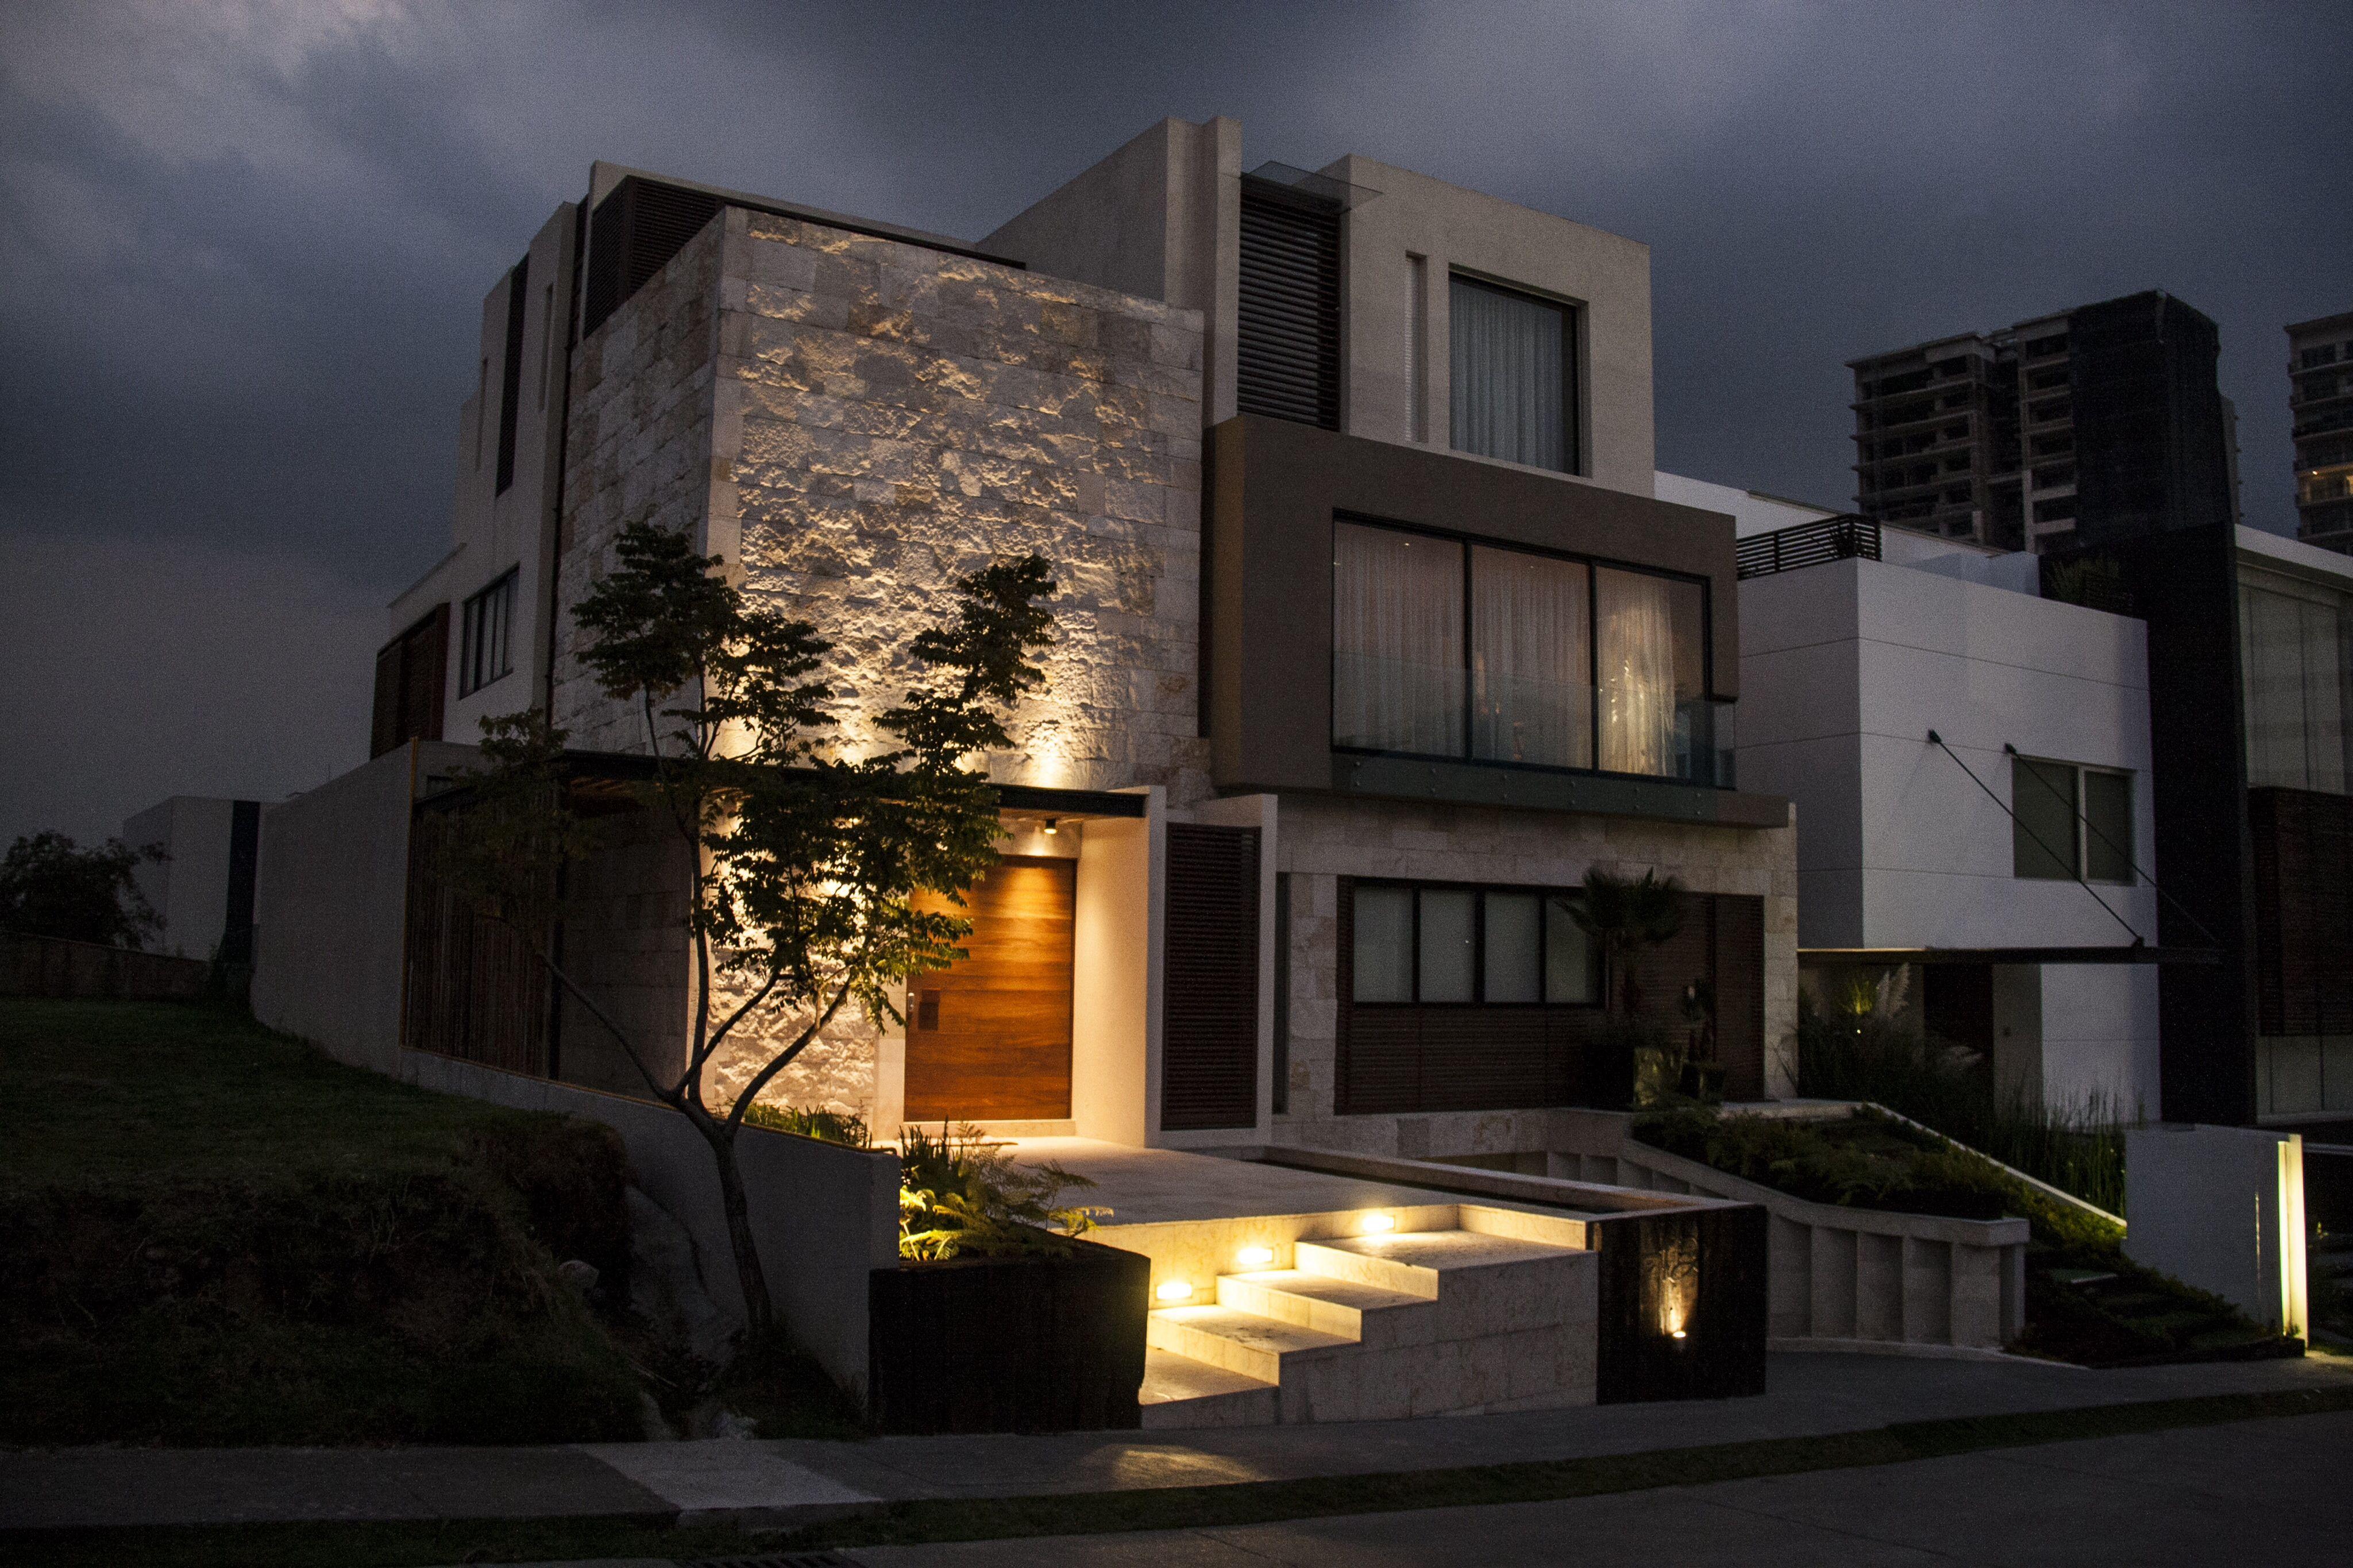 Casa ss fachada muros de piedra plaza de acceso - Piedra fachada exterior ...